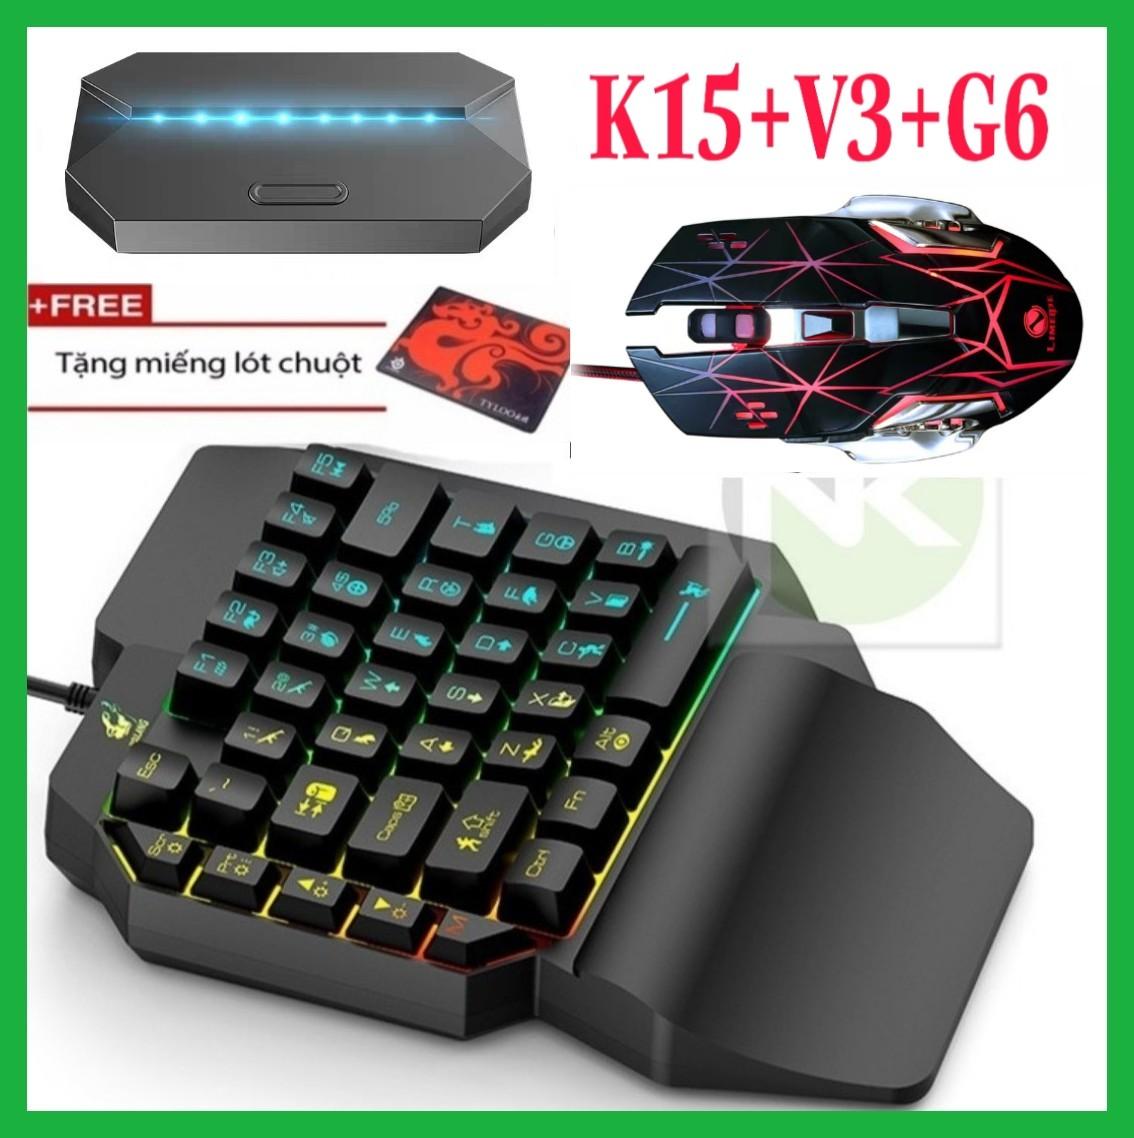 Combo Trọn Bộ Bàn Phím K15 + Chuột V3 + Hộp Chuyển Đổi G6 chơi game PUBG Mobile cho Android, IOS, iPad như PC - NK